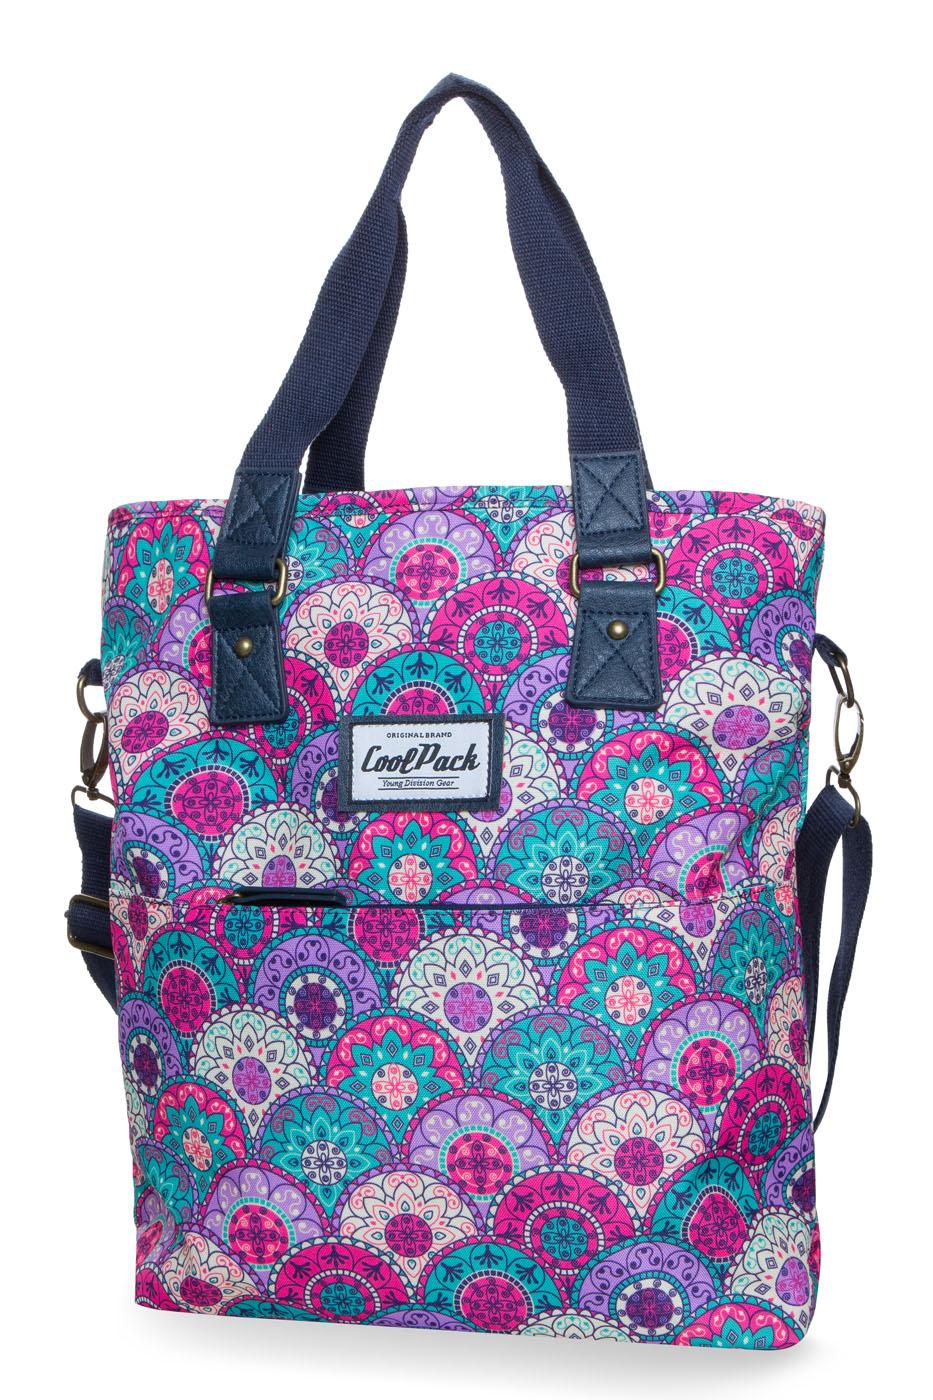 Coolpack - amber - shoulder bag - orient pastel